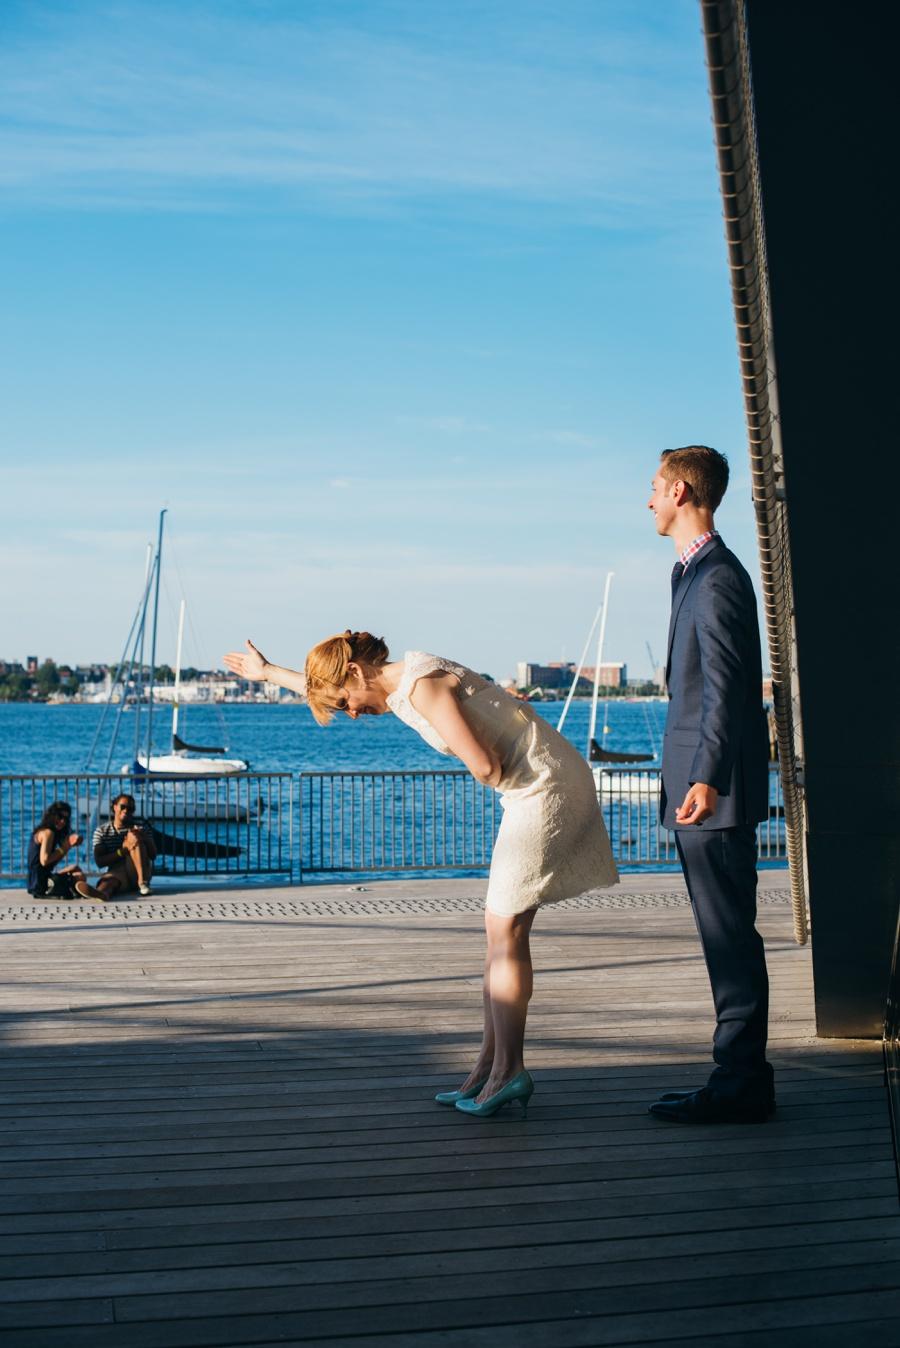 020-Gather-Boston-elopement-CJ.jpg